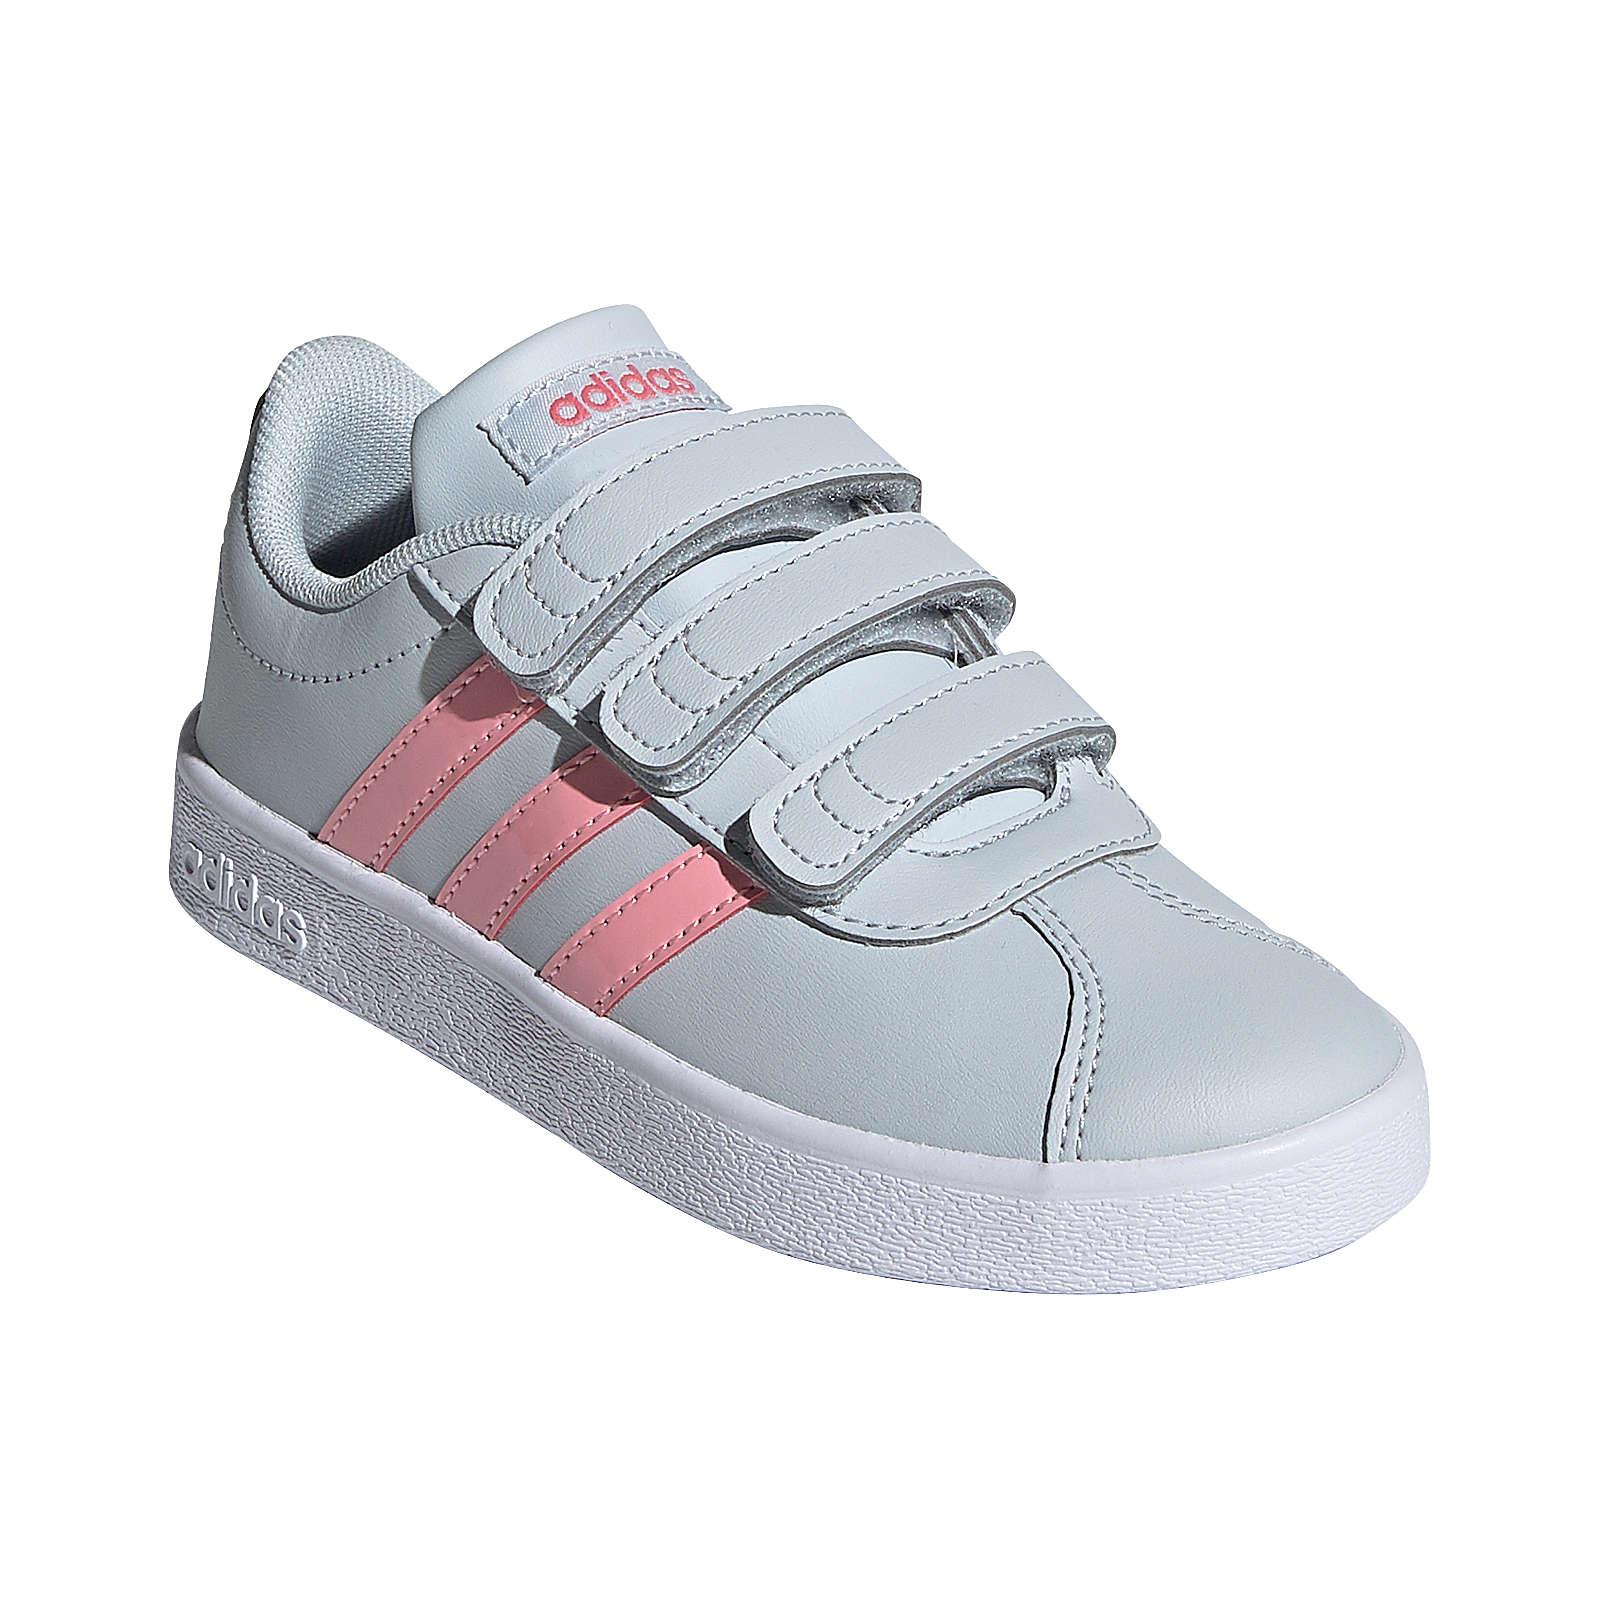 adidas Sneakers Low VL COURT 2.0 CMF C für Mädchen hellblau Mädchen Gr. 30